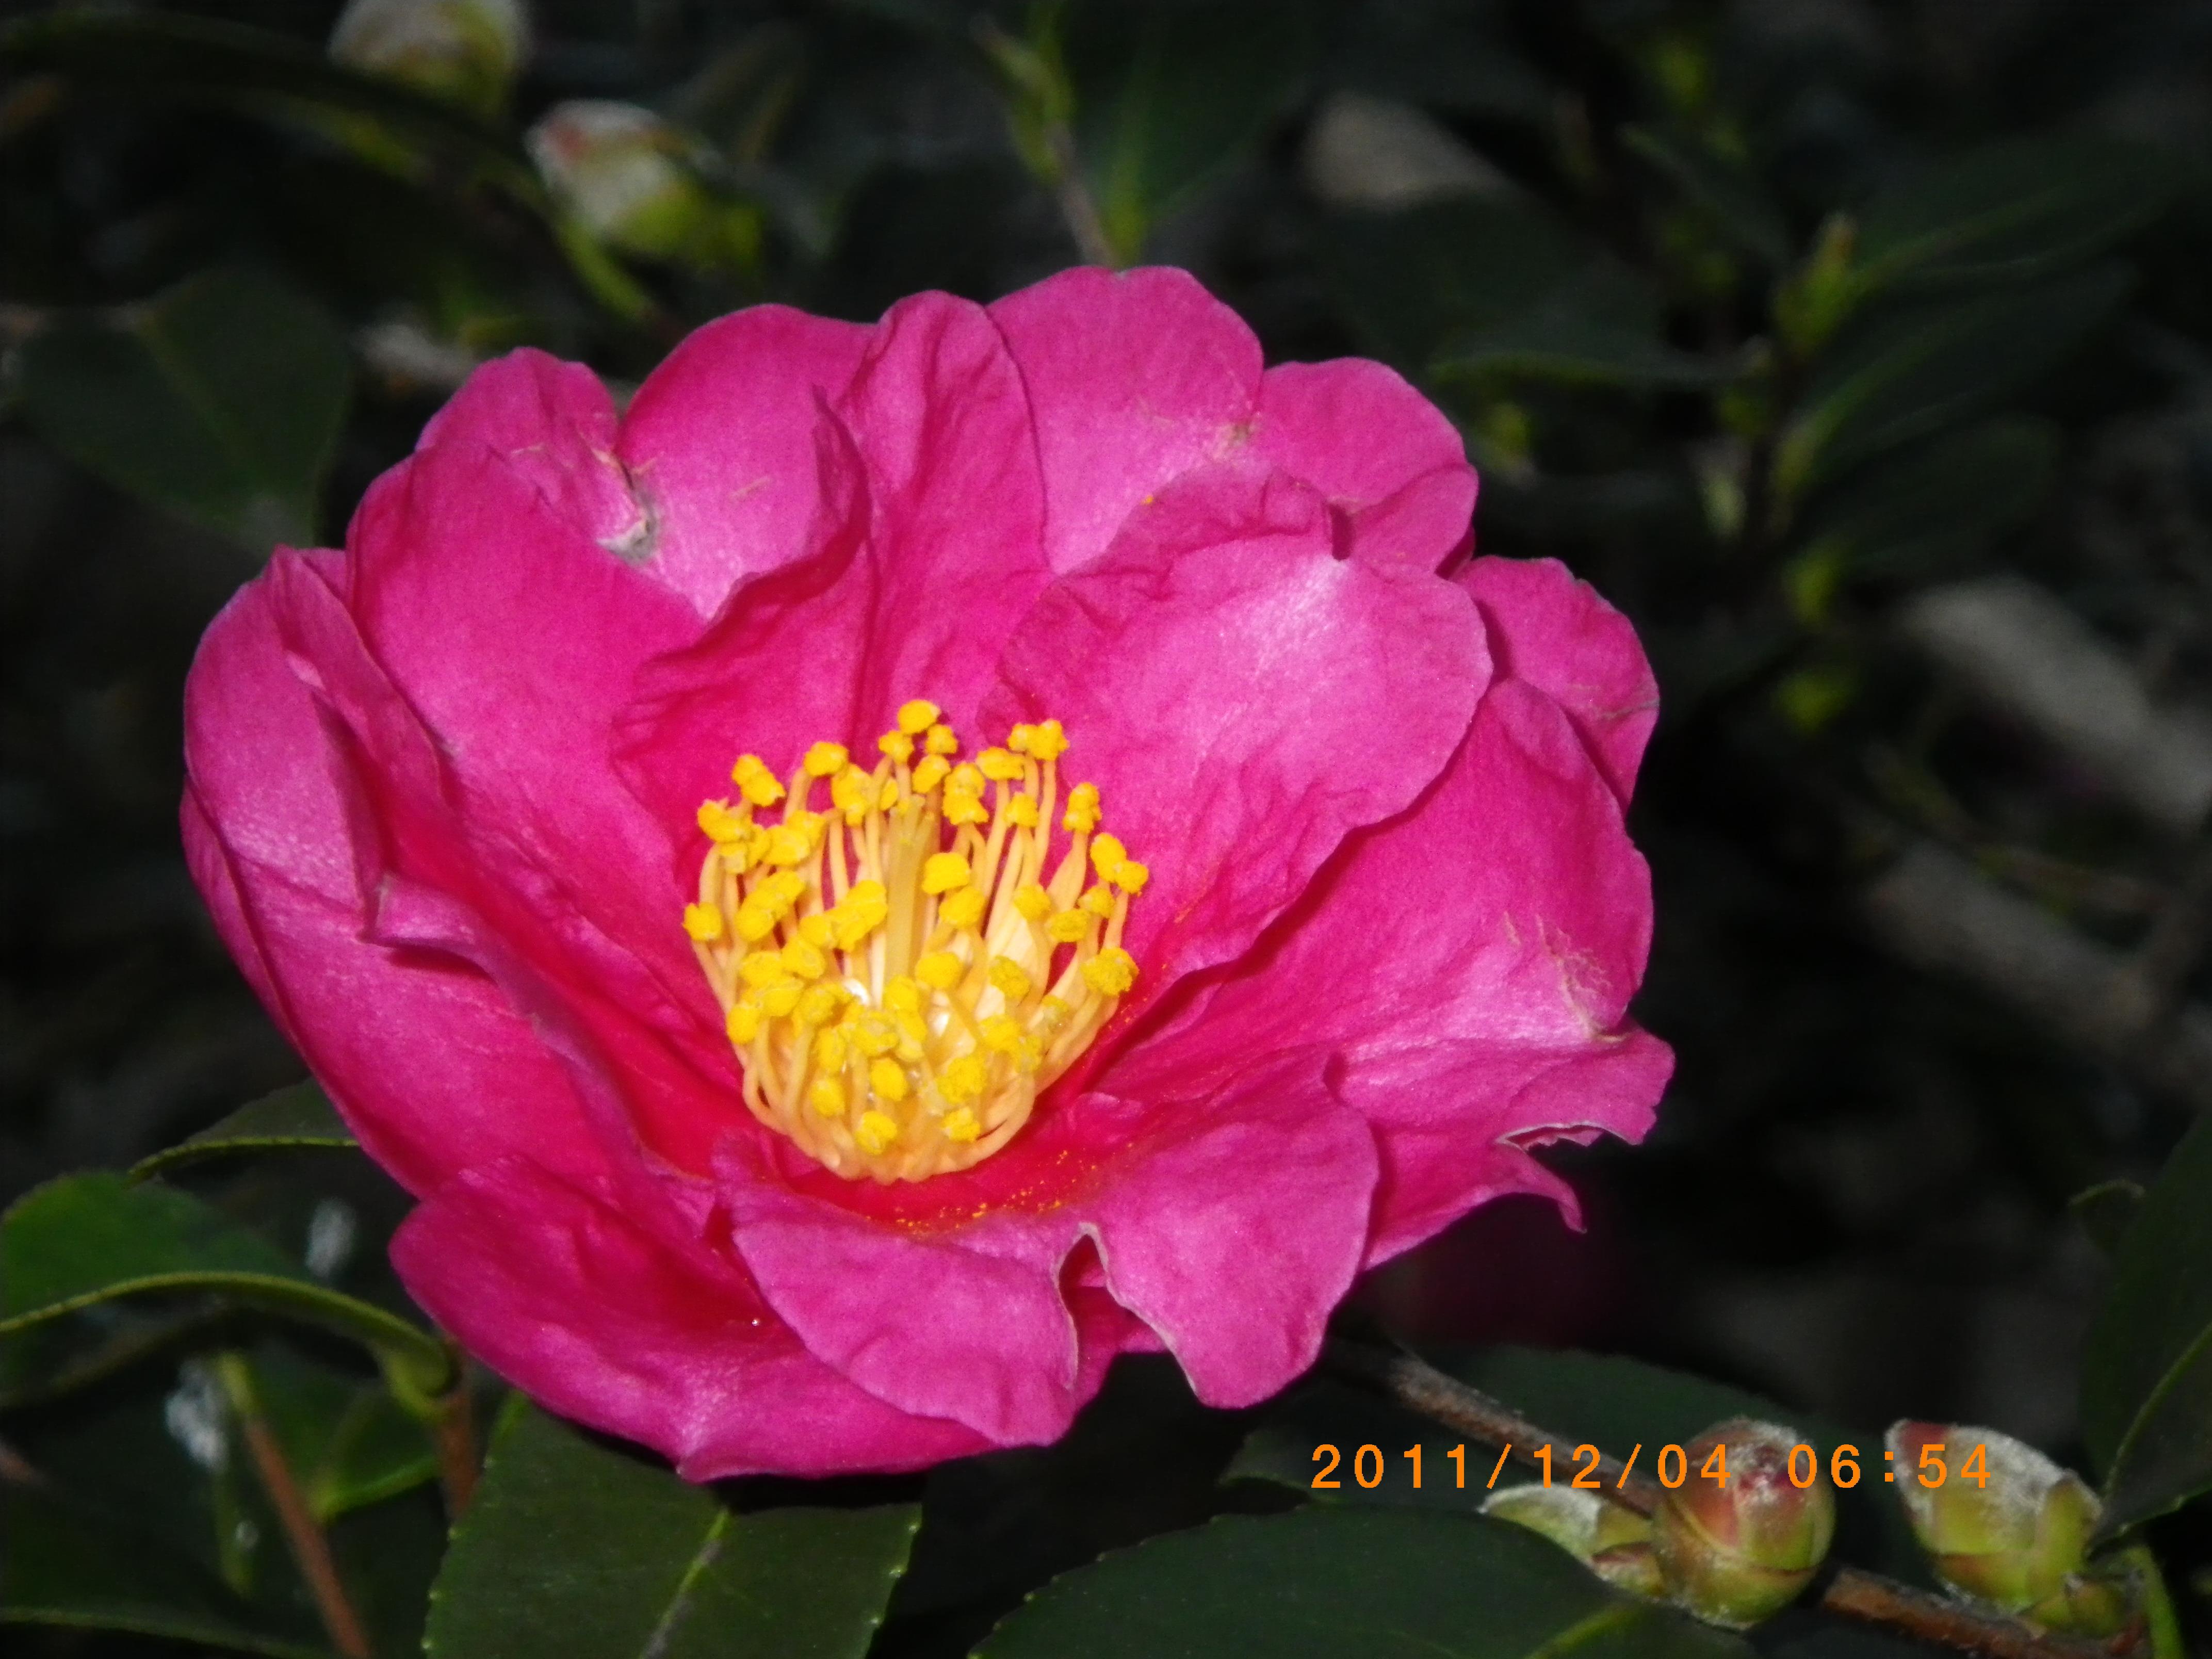 http://www.law-pro.jp/weblog/IMGP0544.JPG